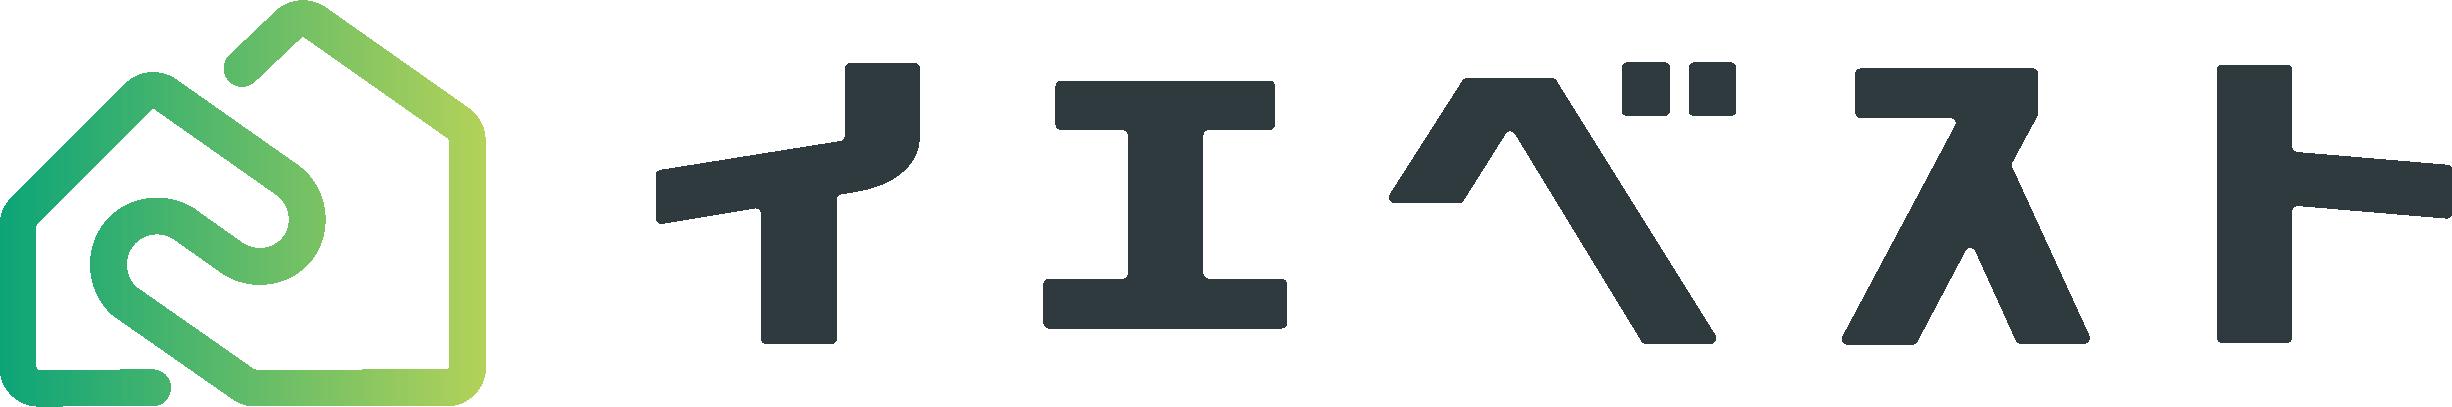 イエベストロゴ